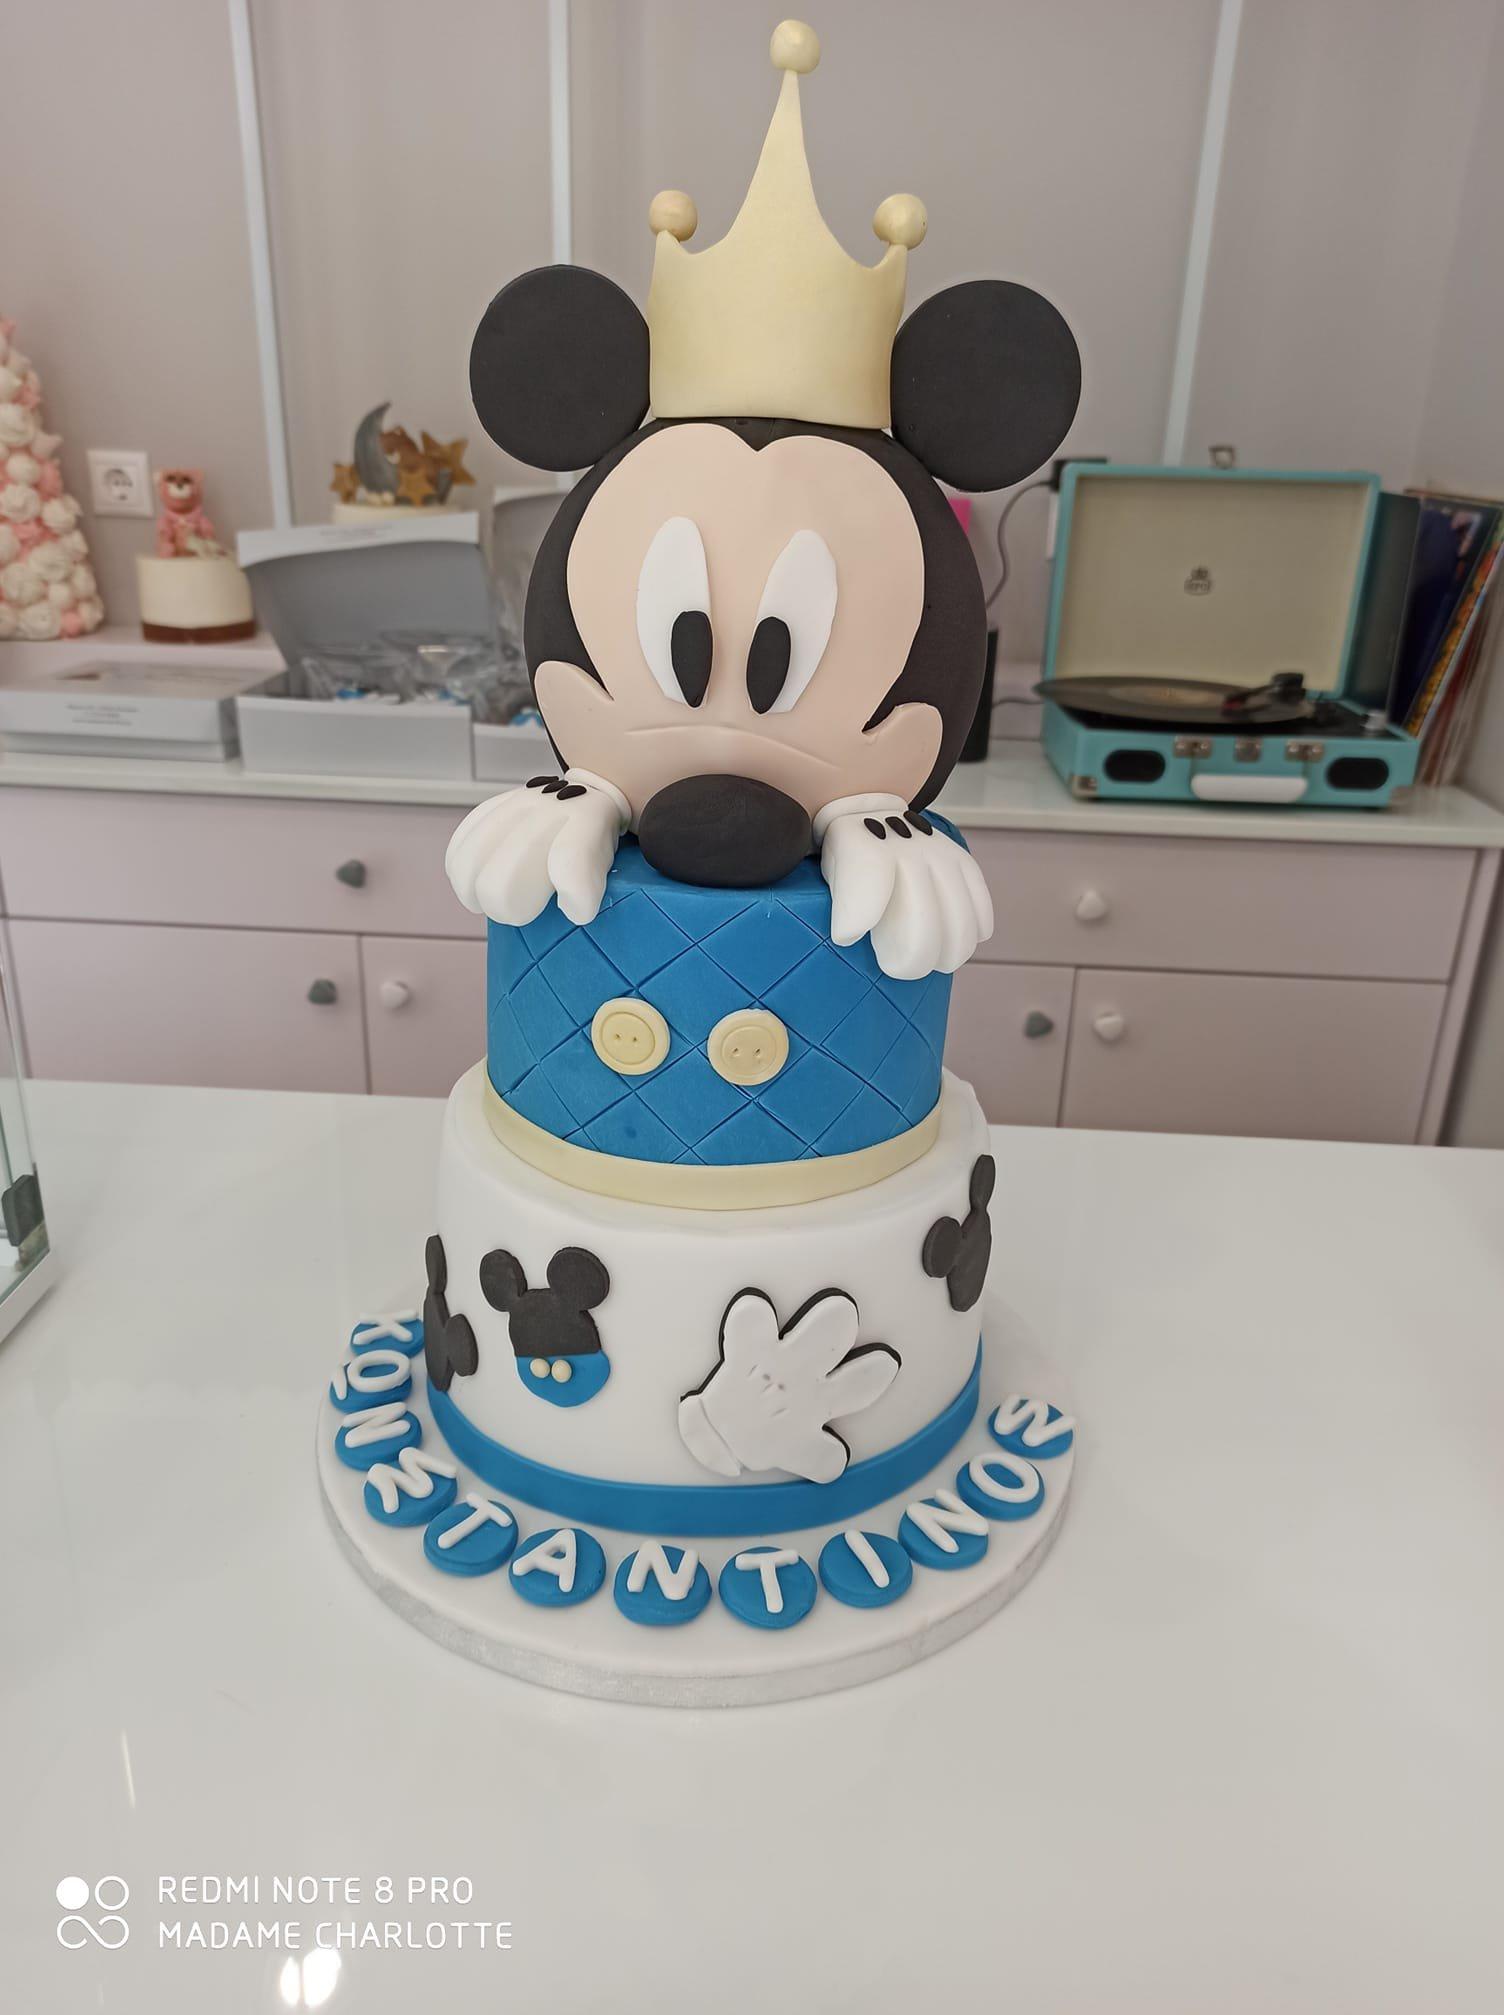 τούρτα από ζαχαρόπαστα μικυ disney mickey themed cake, Ζαχαροπλαστεία Καλαμάτα madame charlotte, τούρτες για πάρτι παιδικές γενεθλίων για αγόρια για κορίτσια για μεγάλους, birthday themed cakes patisserie confectionery kalamata